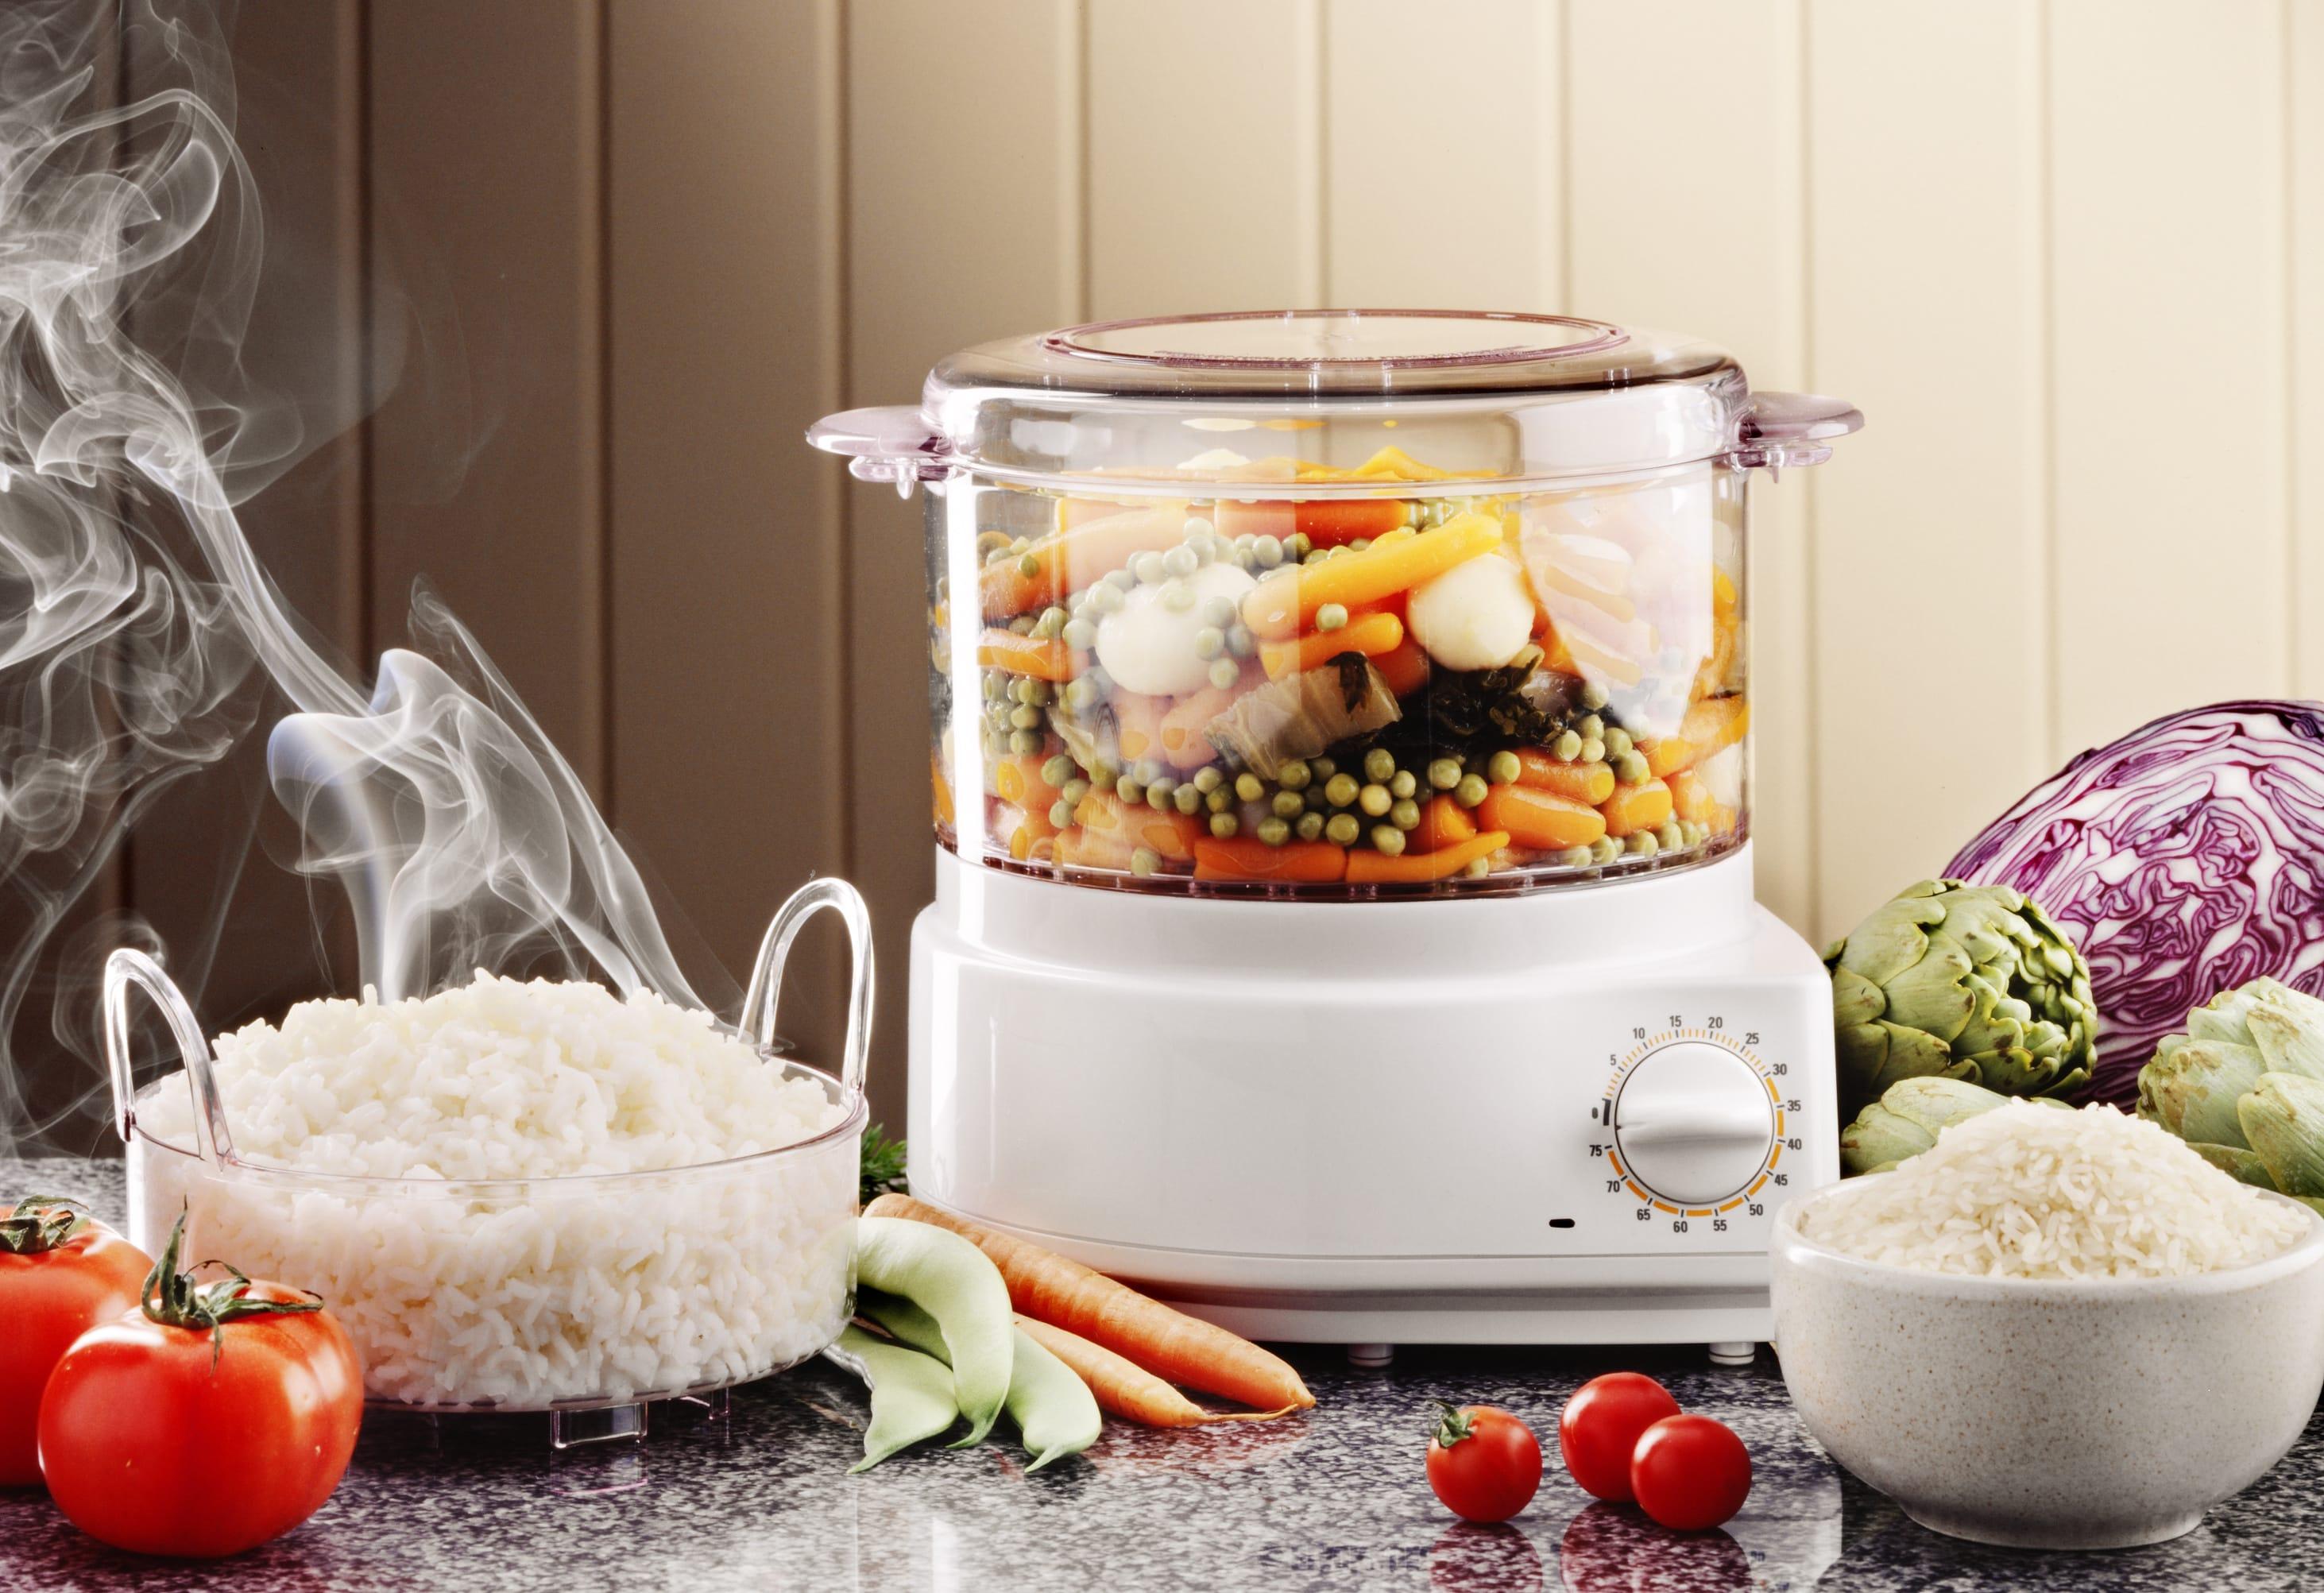 Thermomix & Co.: Multifunktions-Küchengeräte auf dem Vormarsch